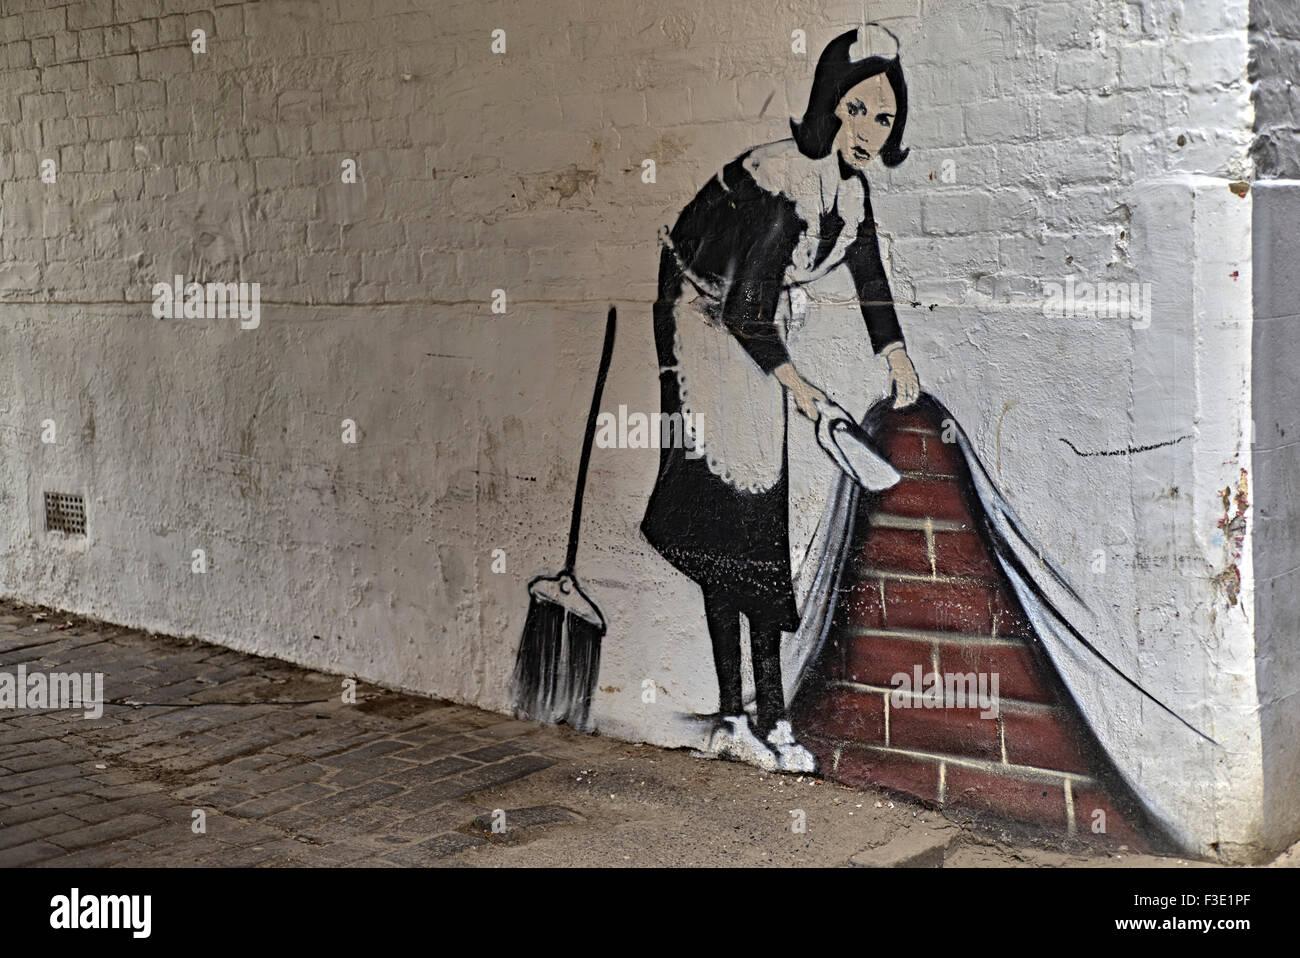 Graffiti wall art uk - Stock Photo Wall Art Graffiti Banksy Style England Uk